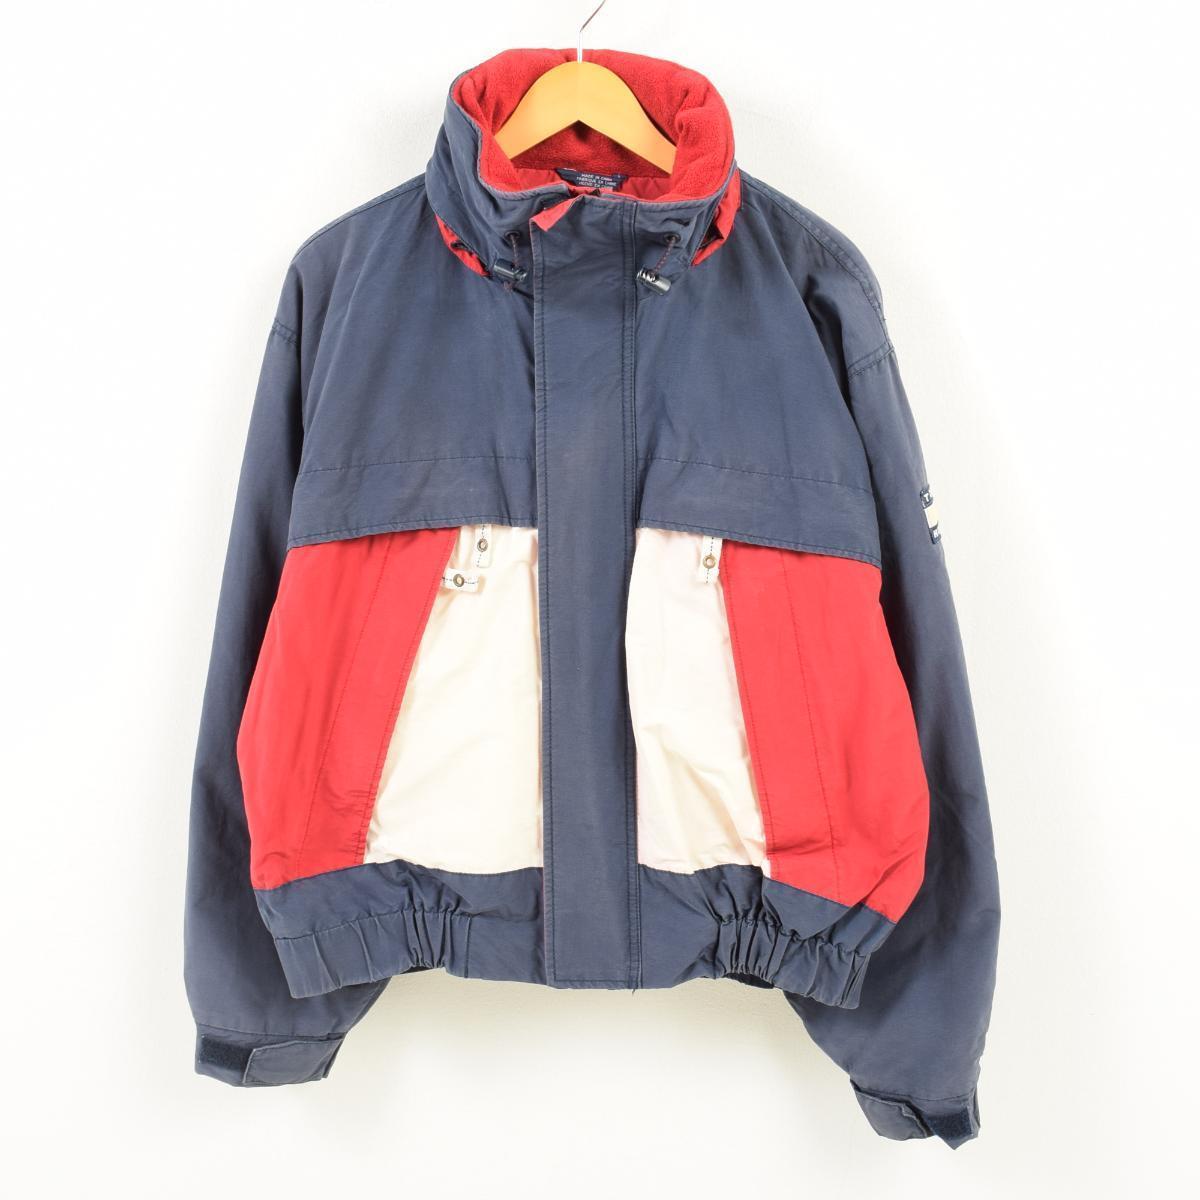 90年代 トミーヒルフィガー TOMMY HILFIGER 袖ロゴ セーリングジャケット メンズXL /wan5852 【中古】 【180330】